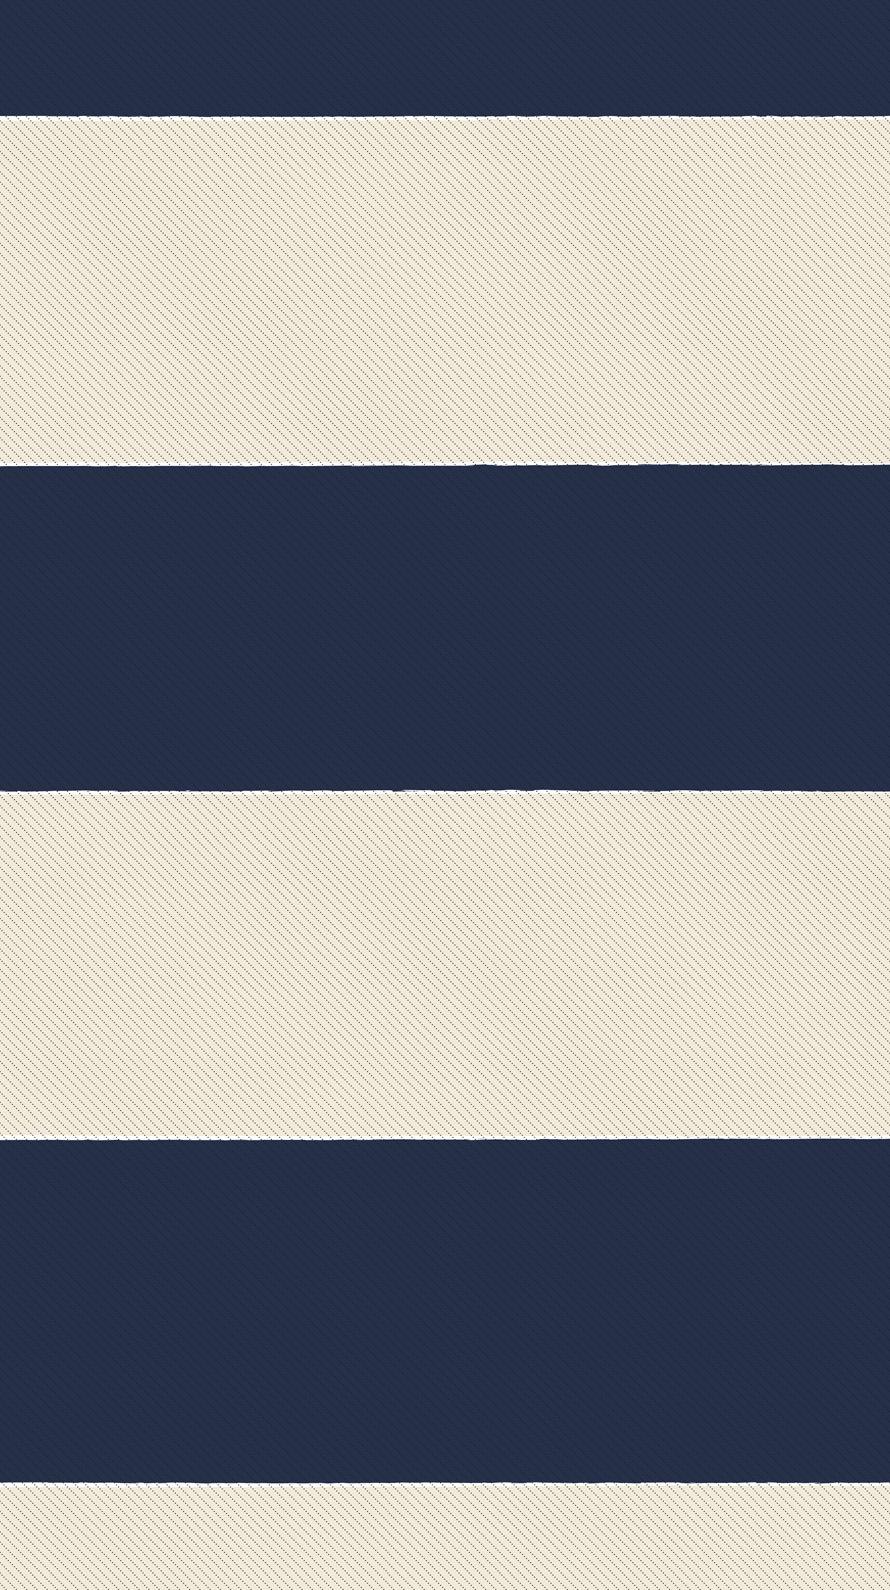 紺と白のボーダー Iphone6壁紙 Wallpaperbox